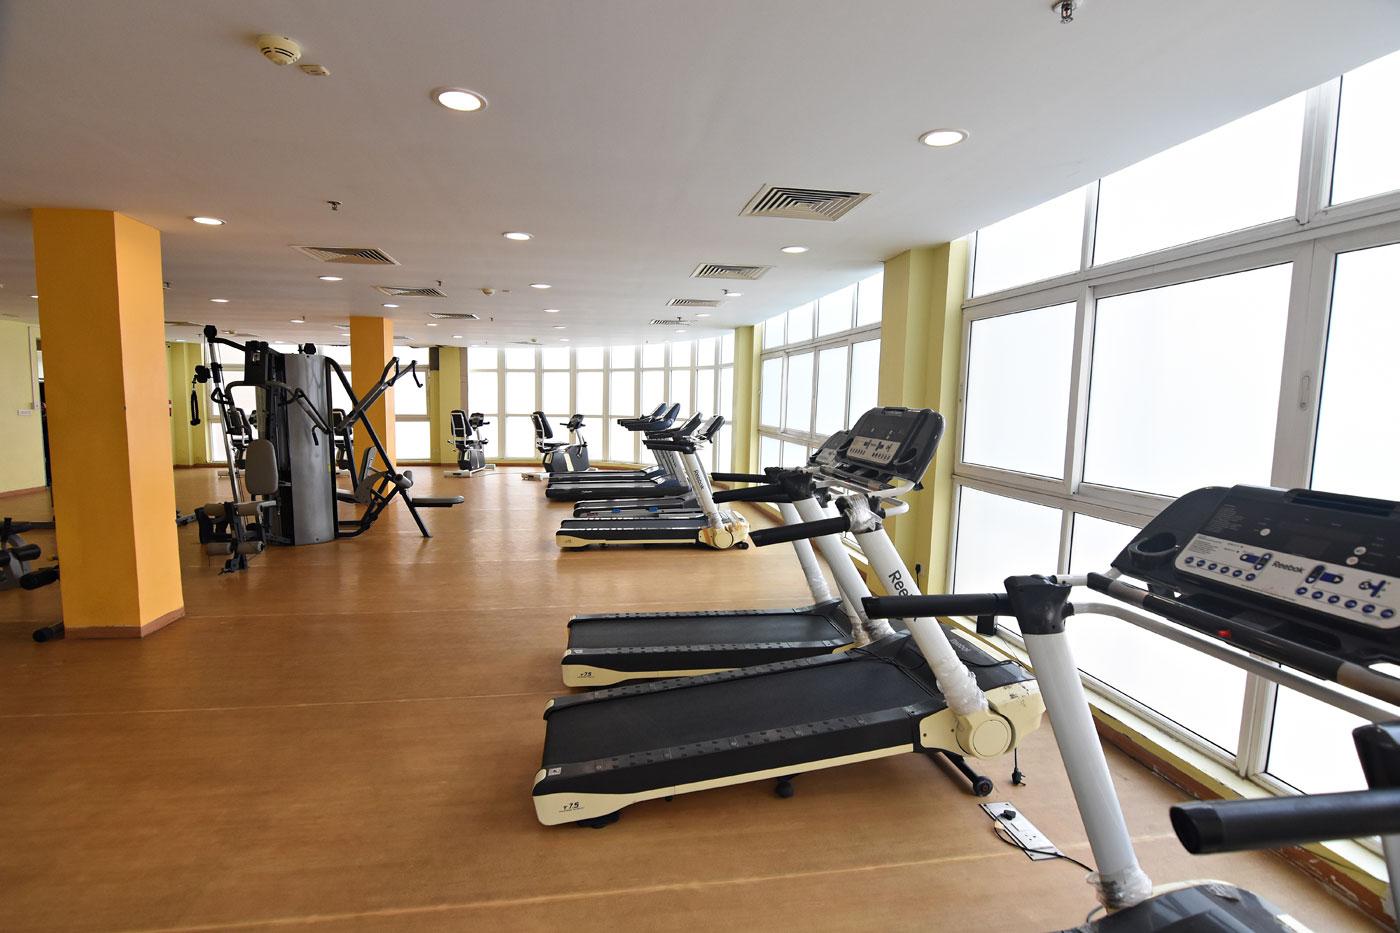 Gym : Actual Image